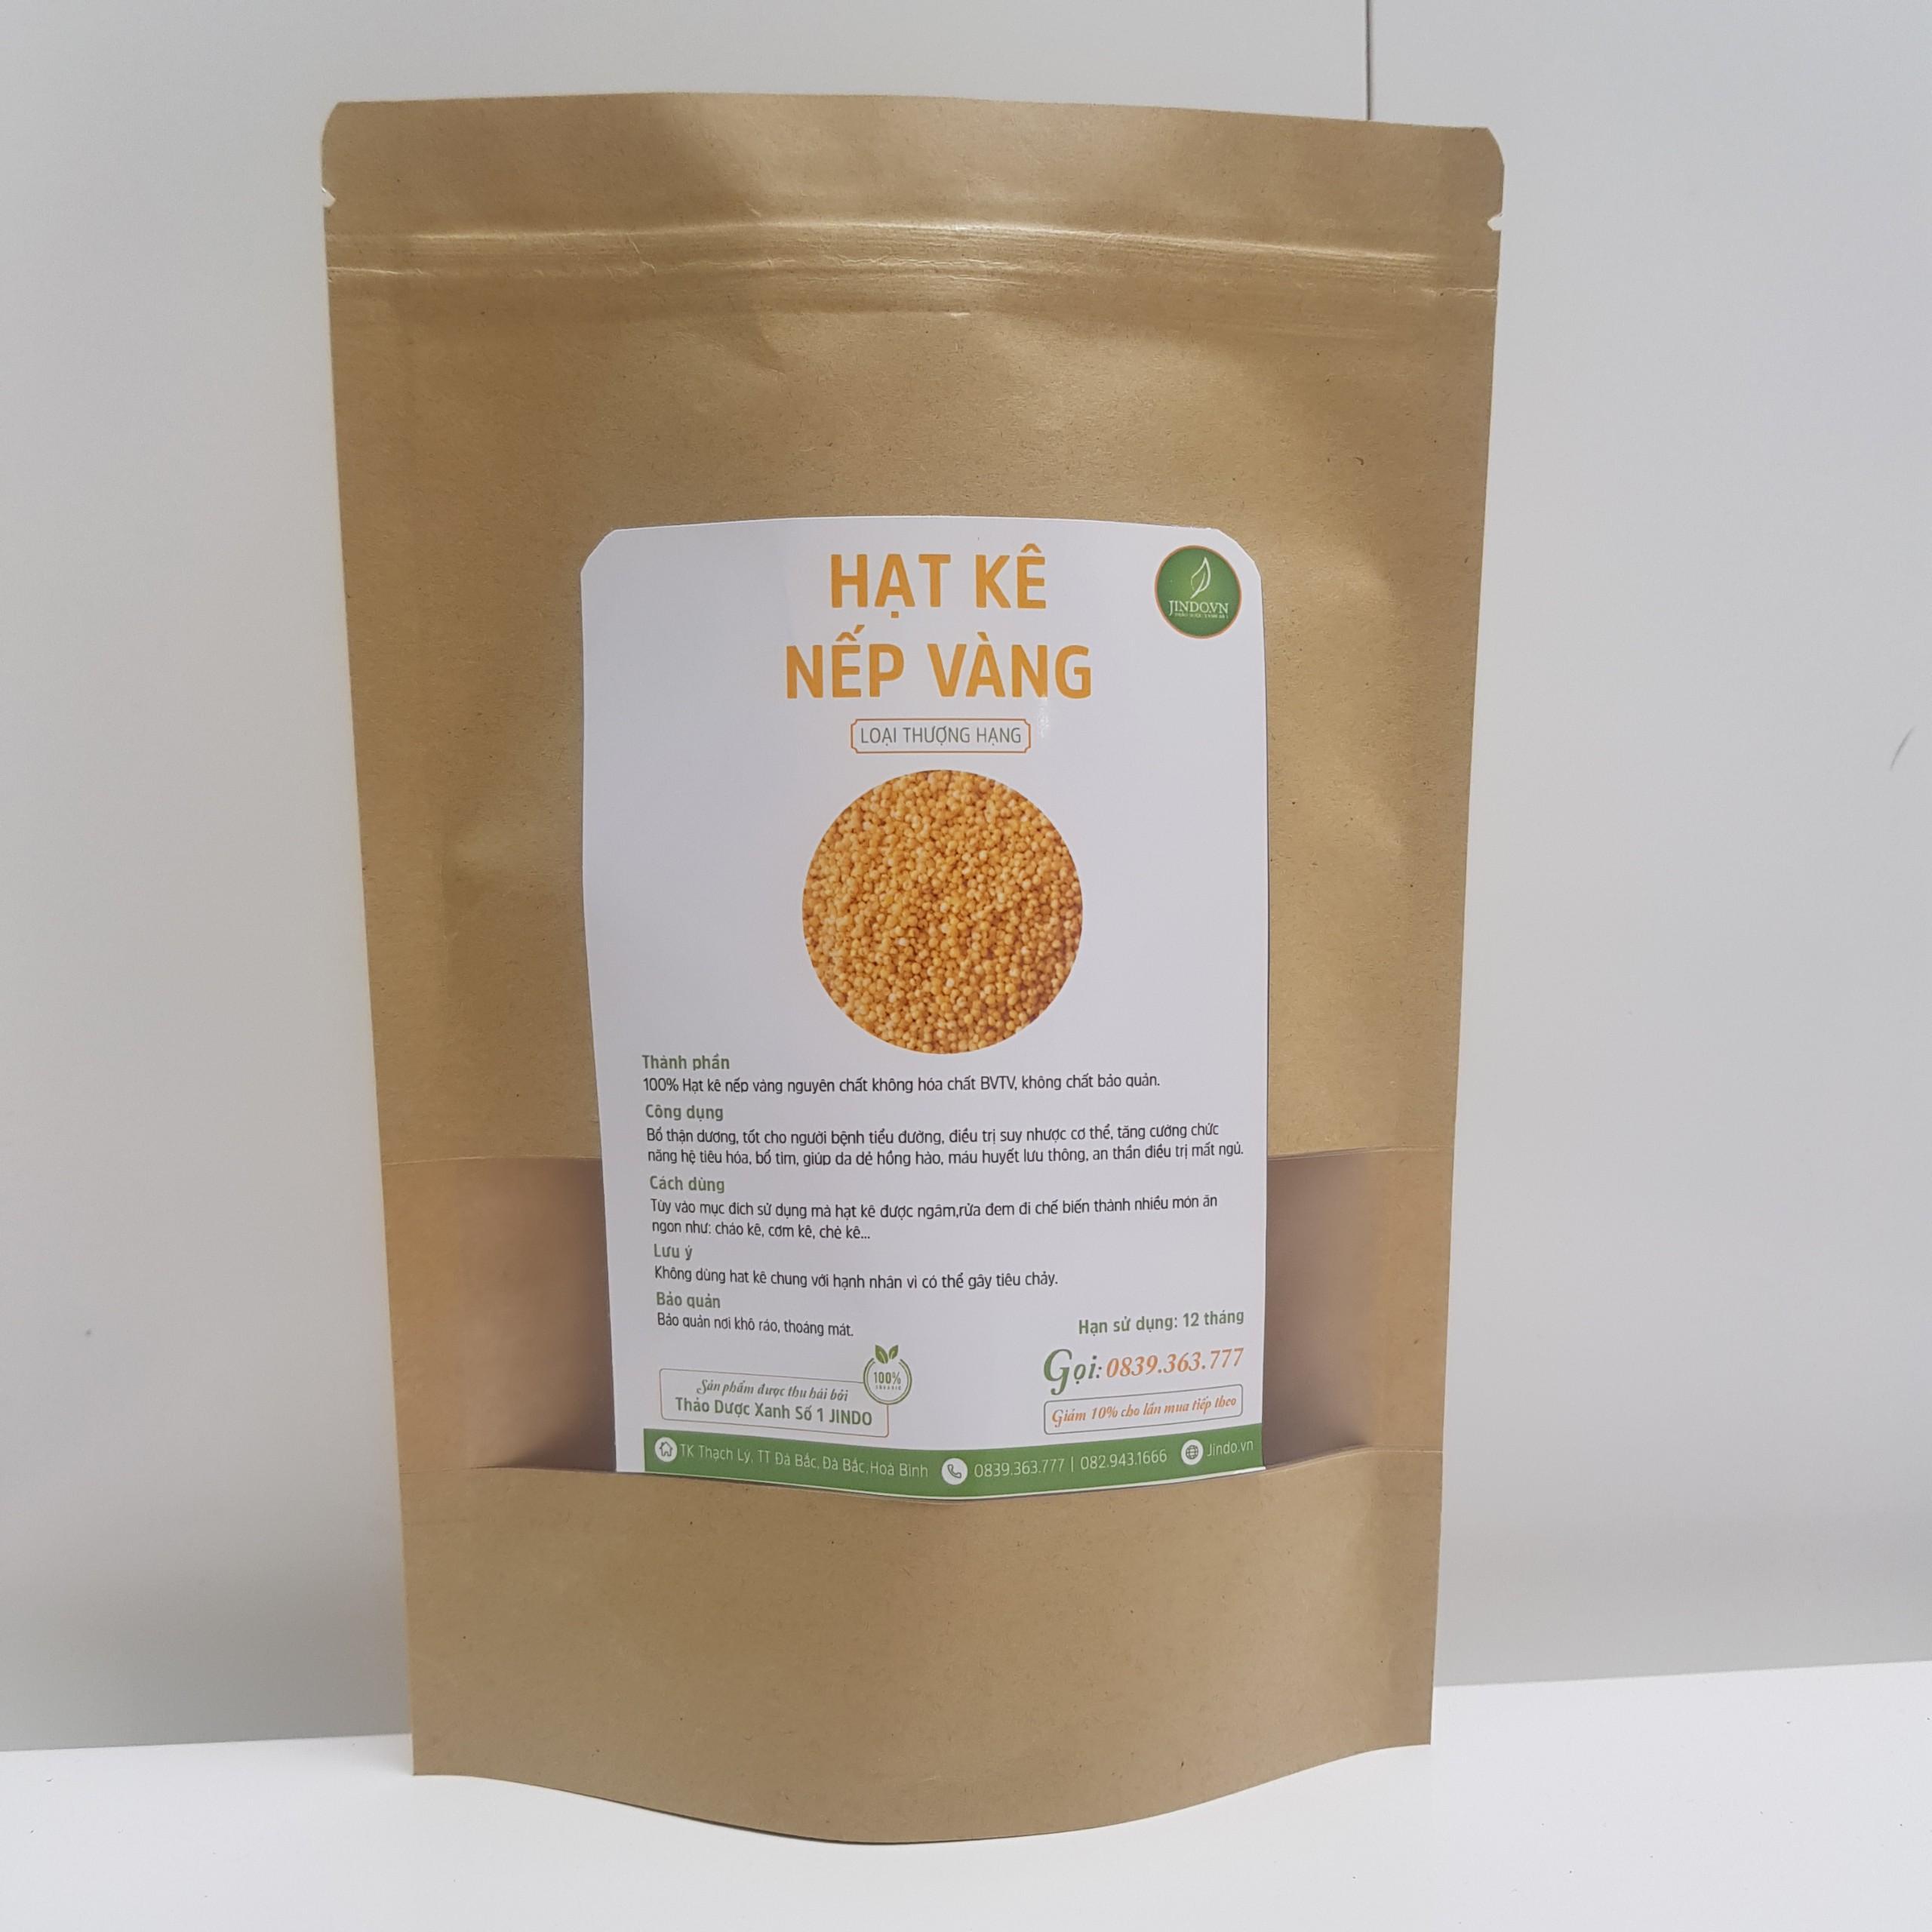 Hạt kê nếp vàng đã bóc vỏ 100gram loại thượng hạng - TM117A nhập khẩu